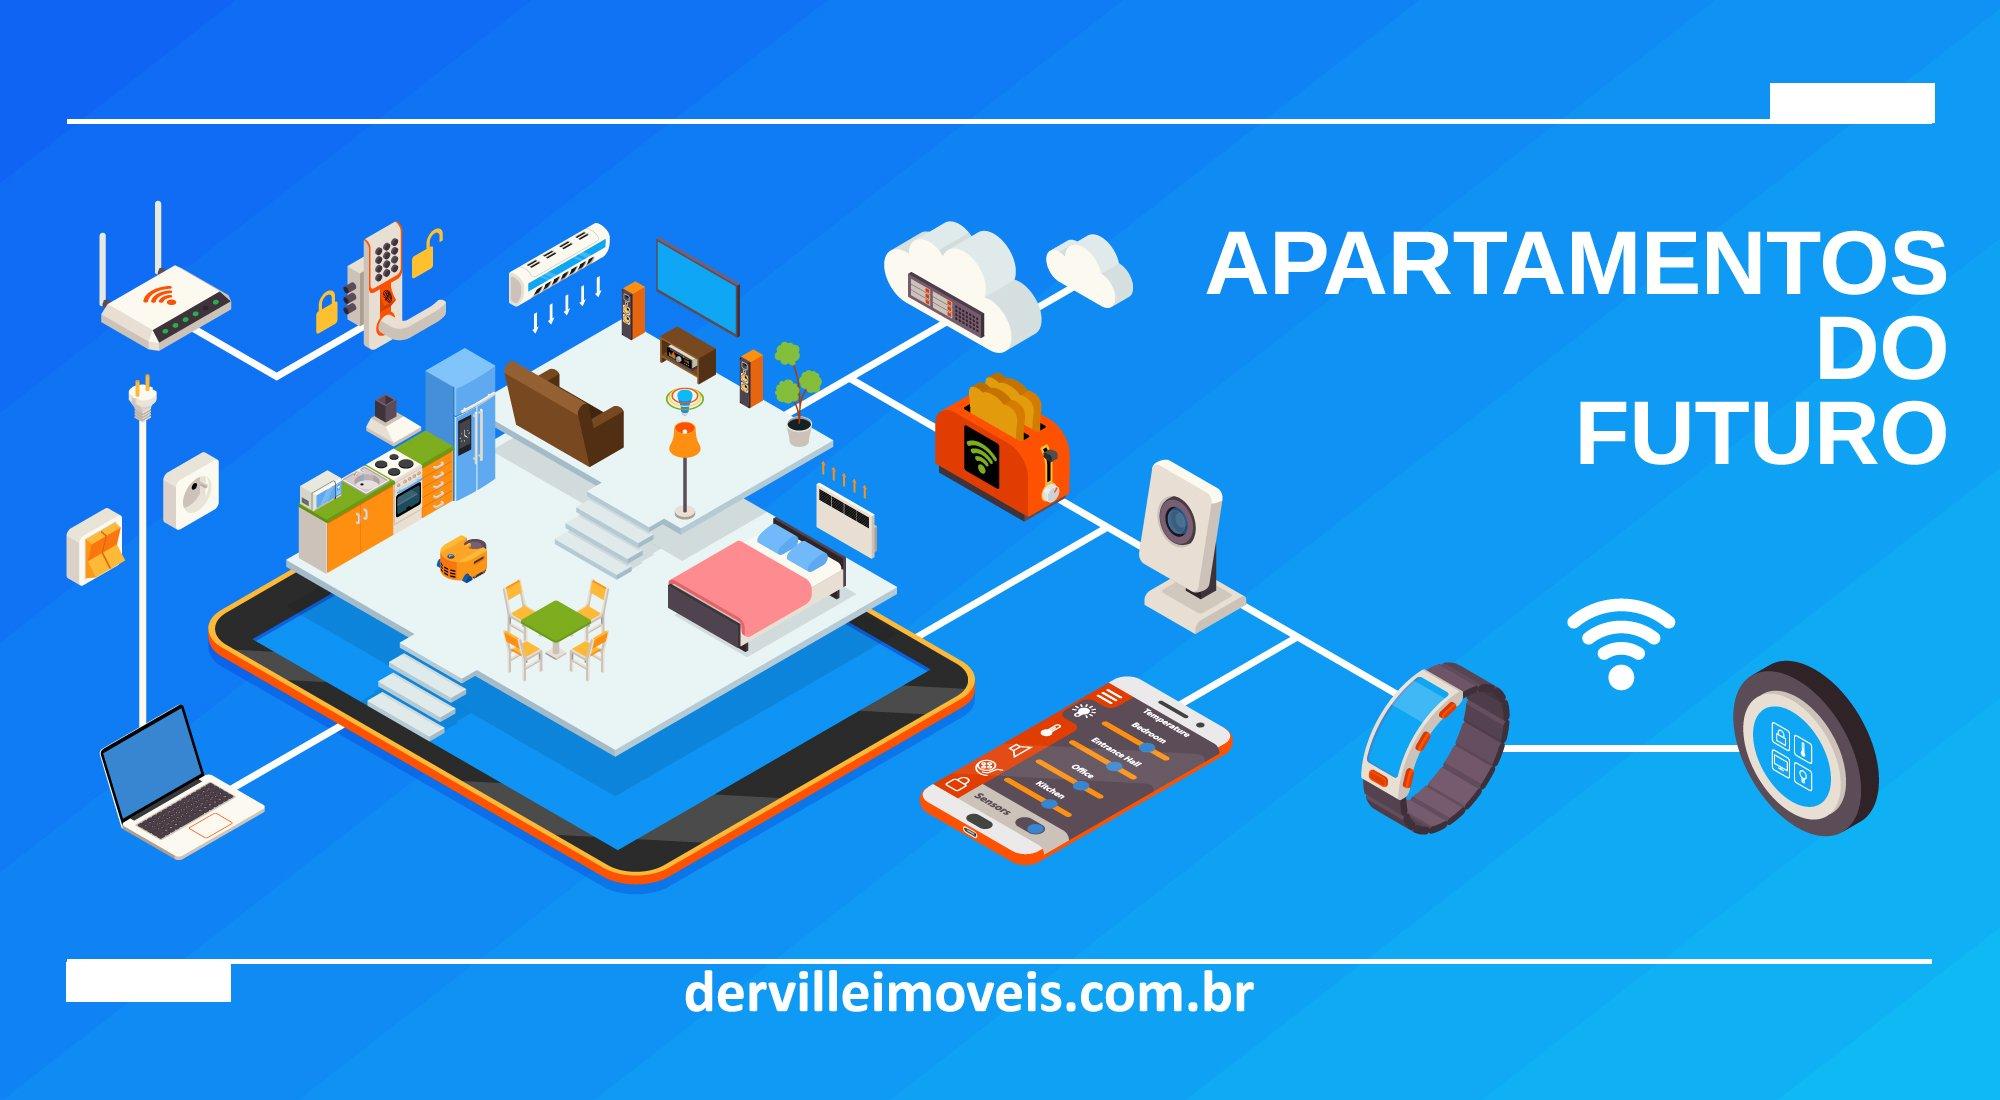 Apartamentos do futuro